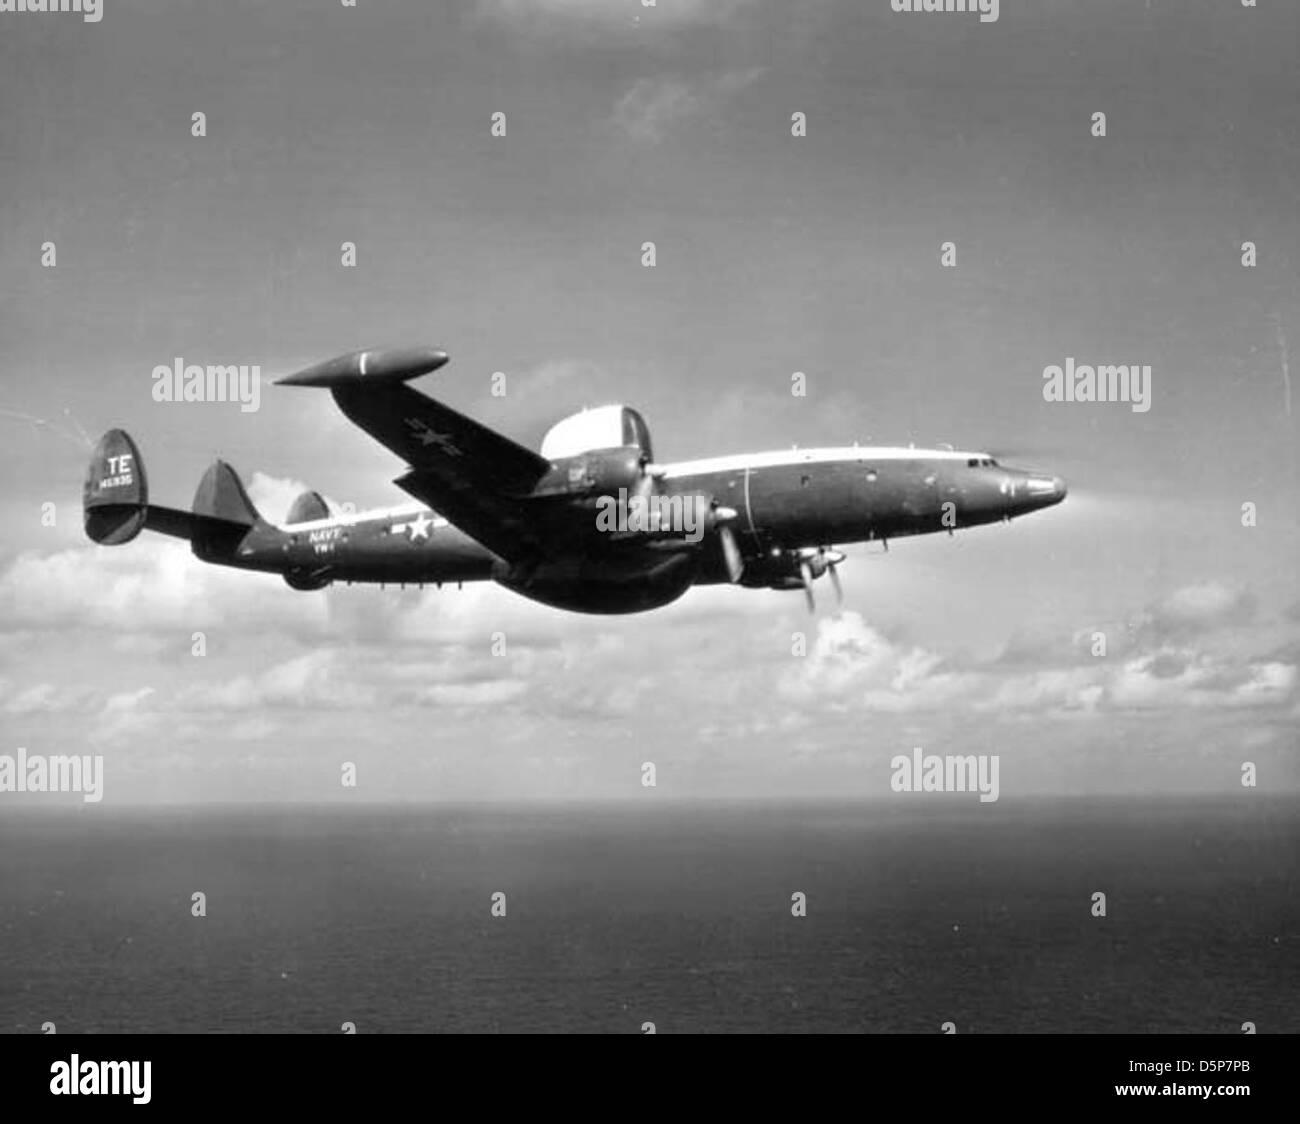 VW-1 TE-1 IN-FLIGHT WEB - Stock Image